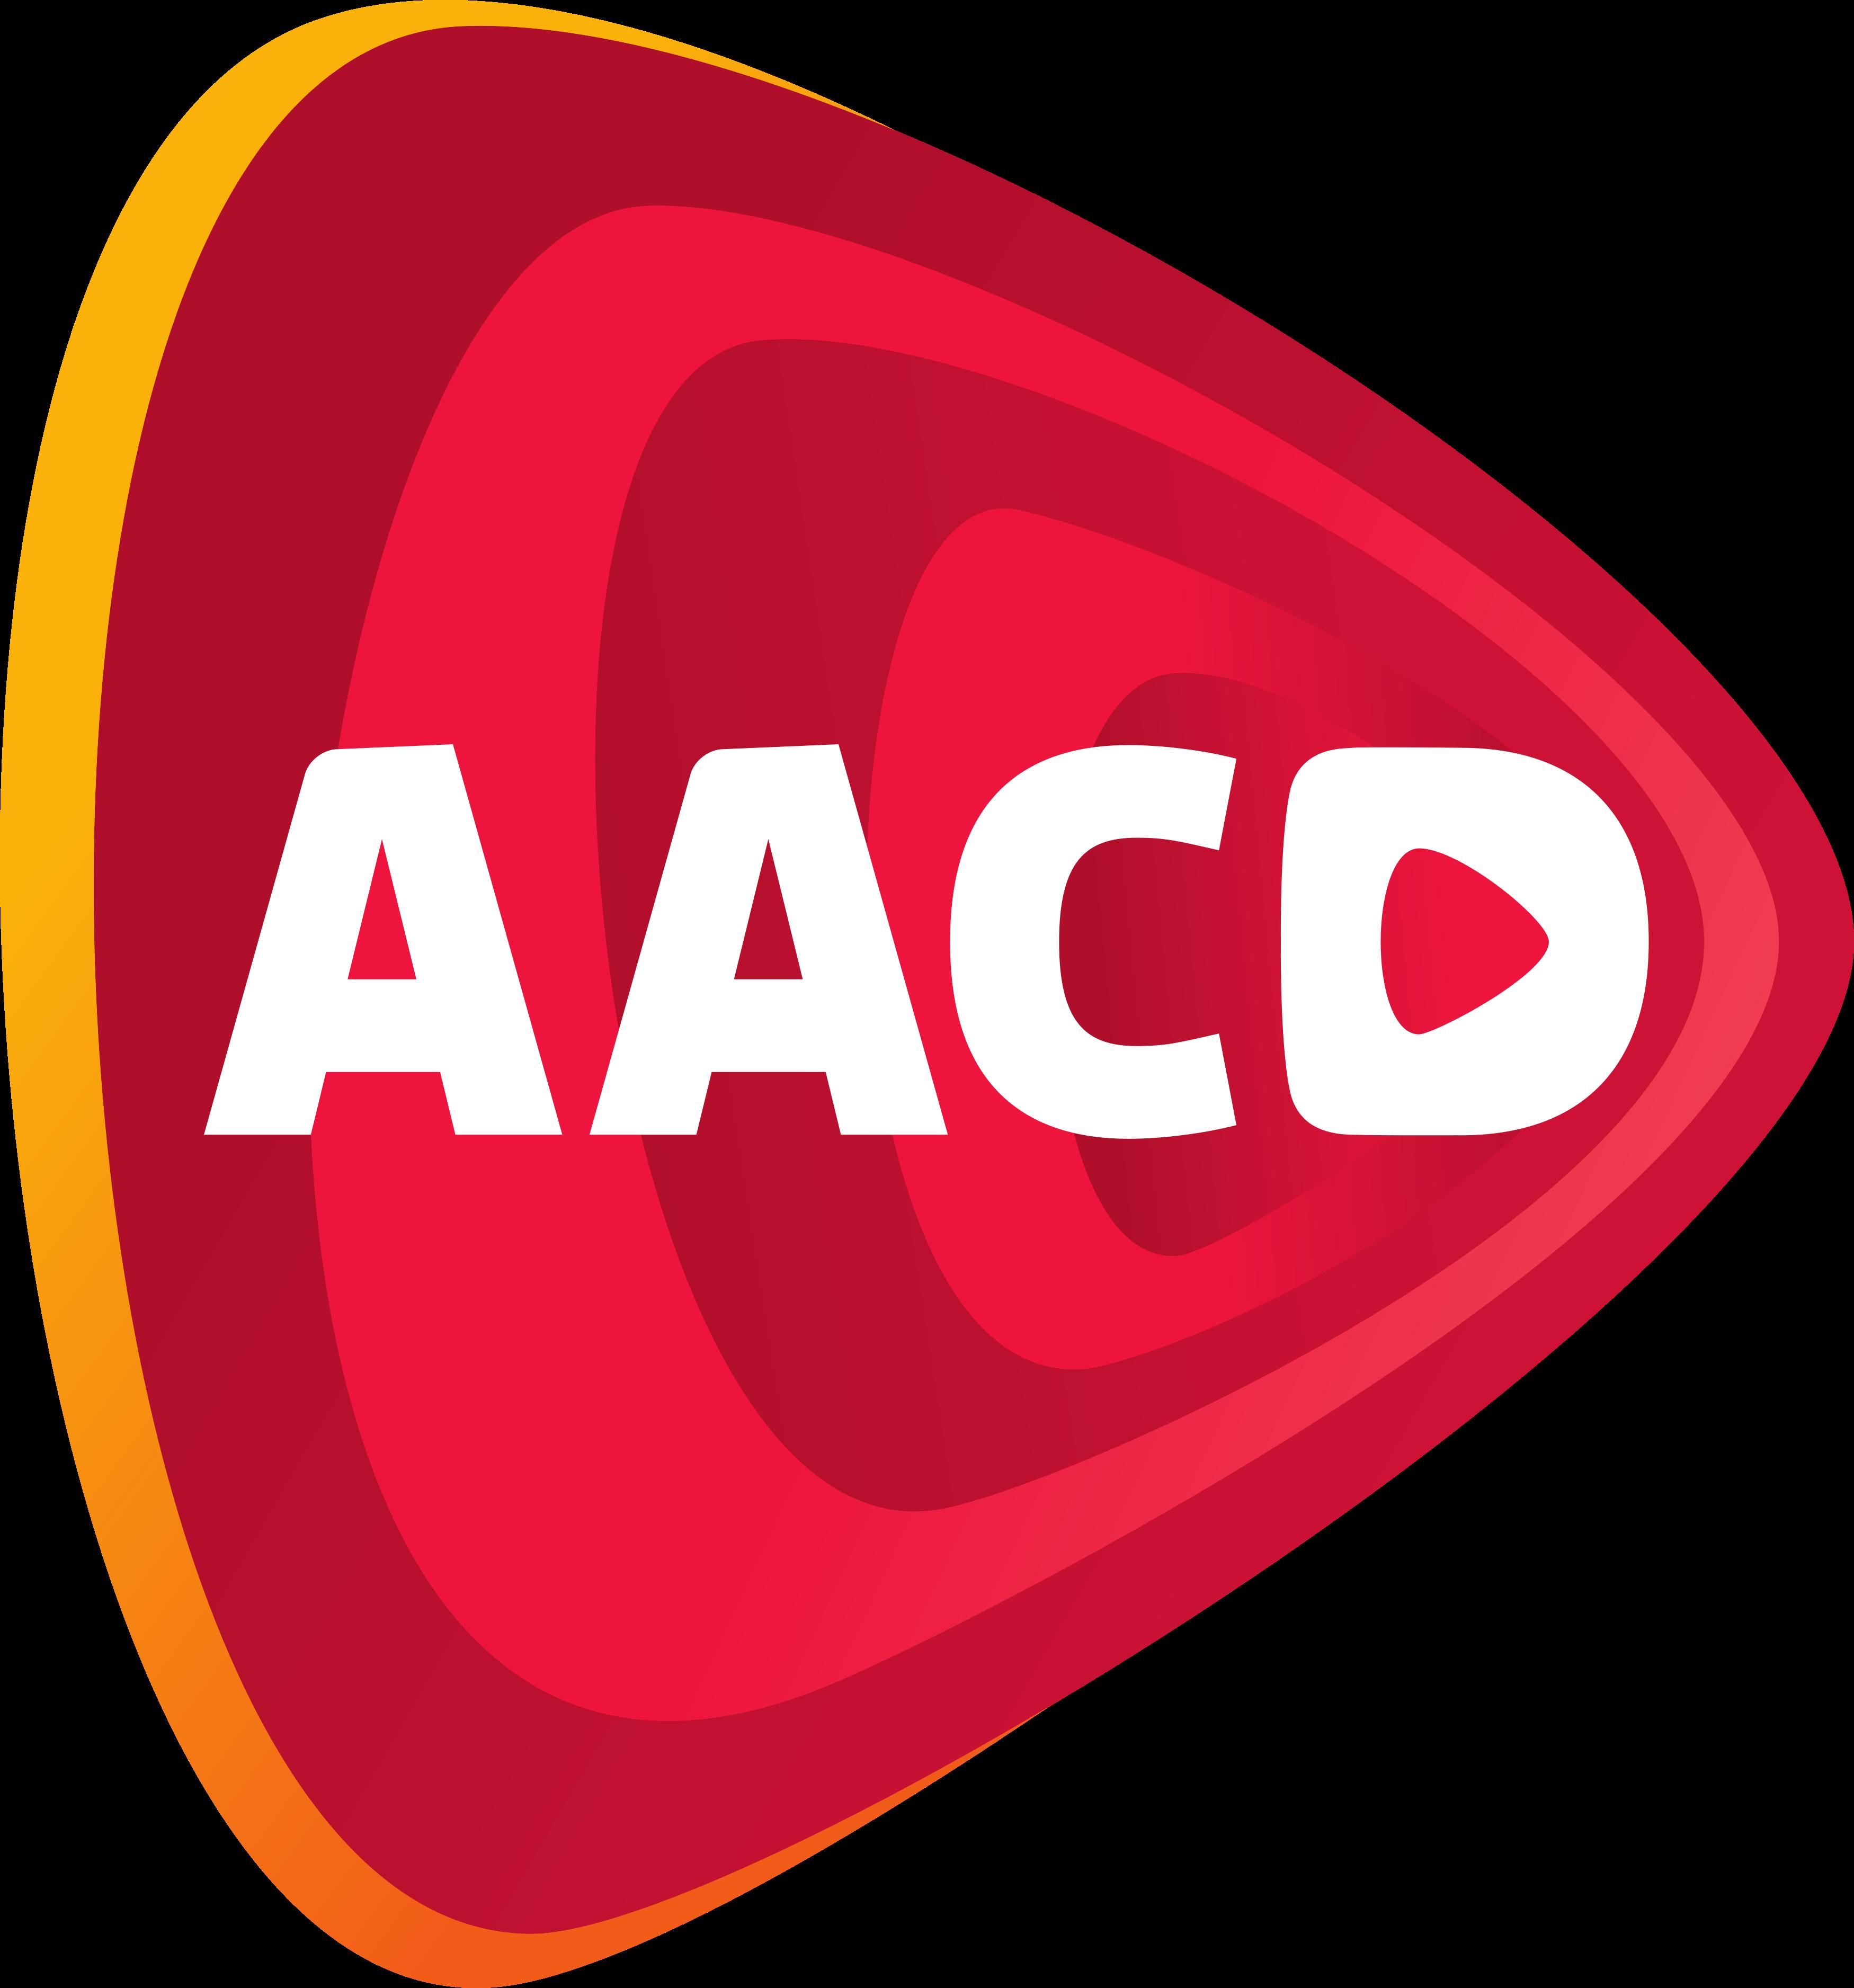 Hospital AACD